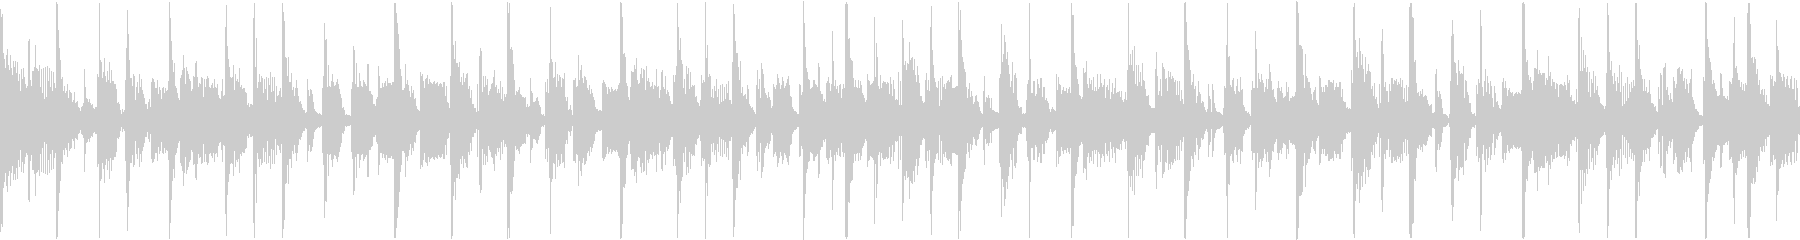 クールなジャズファンクの未再生の波形